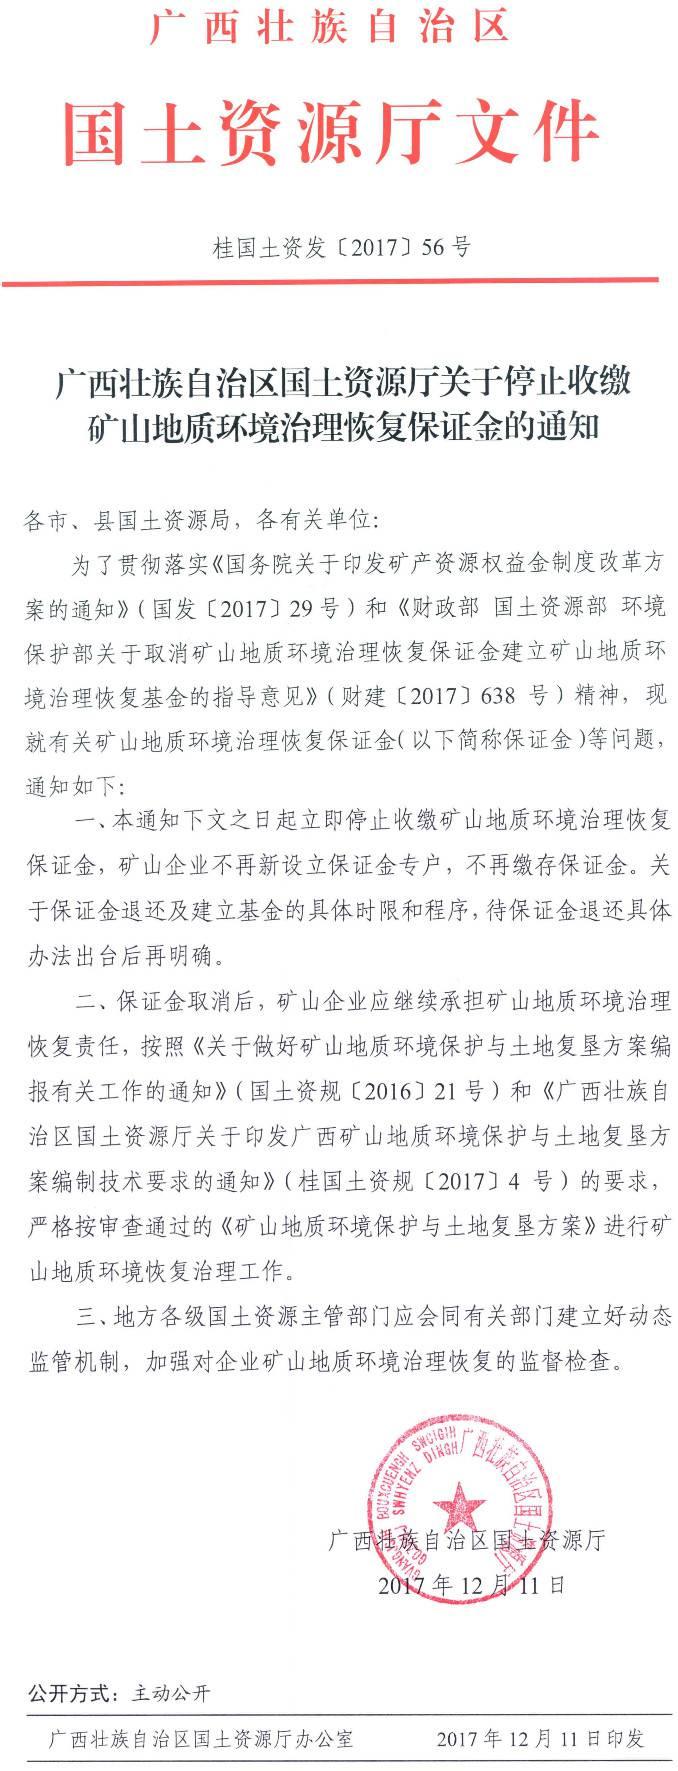 桂国土资发〔2017〕56号《广西壮族自治区国土资源厅关于停止收缴矿山地质环境治理恢复保证金的通知》